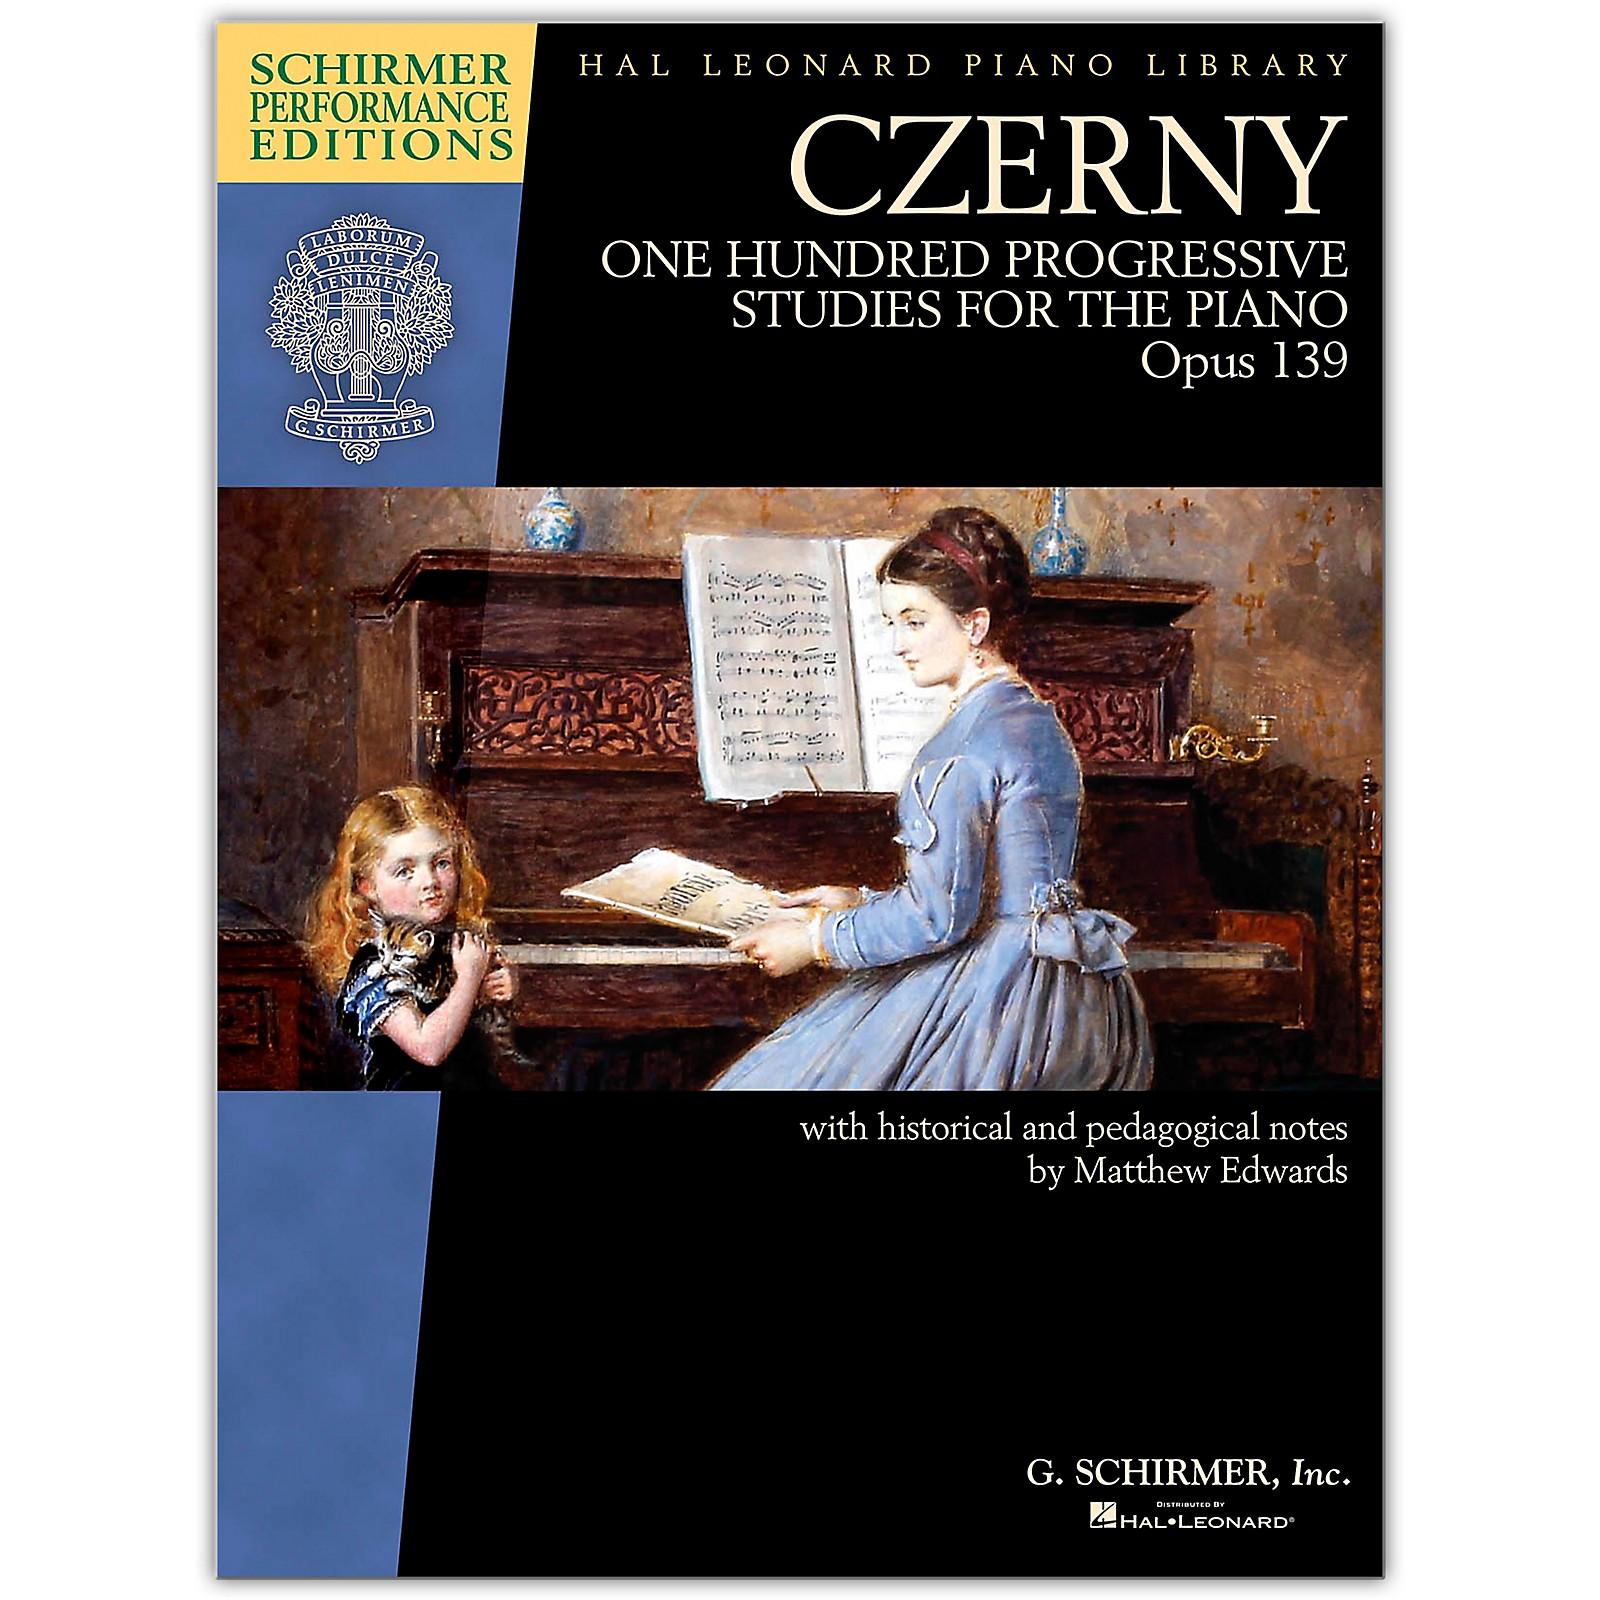 G. Schirmer Czerny - One Hundred Progressive Studies for the Piano, Op. 139 Schirmer Performance Editions